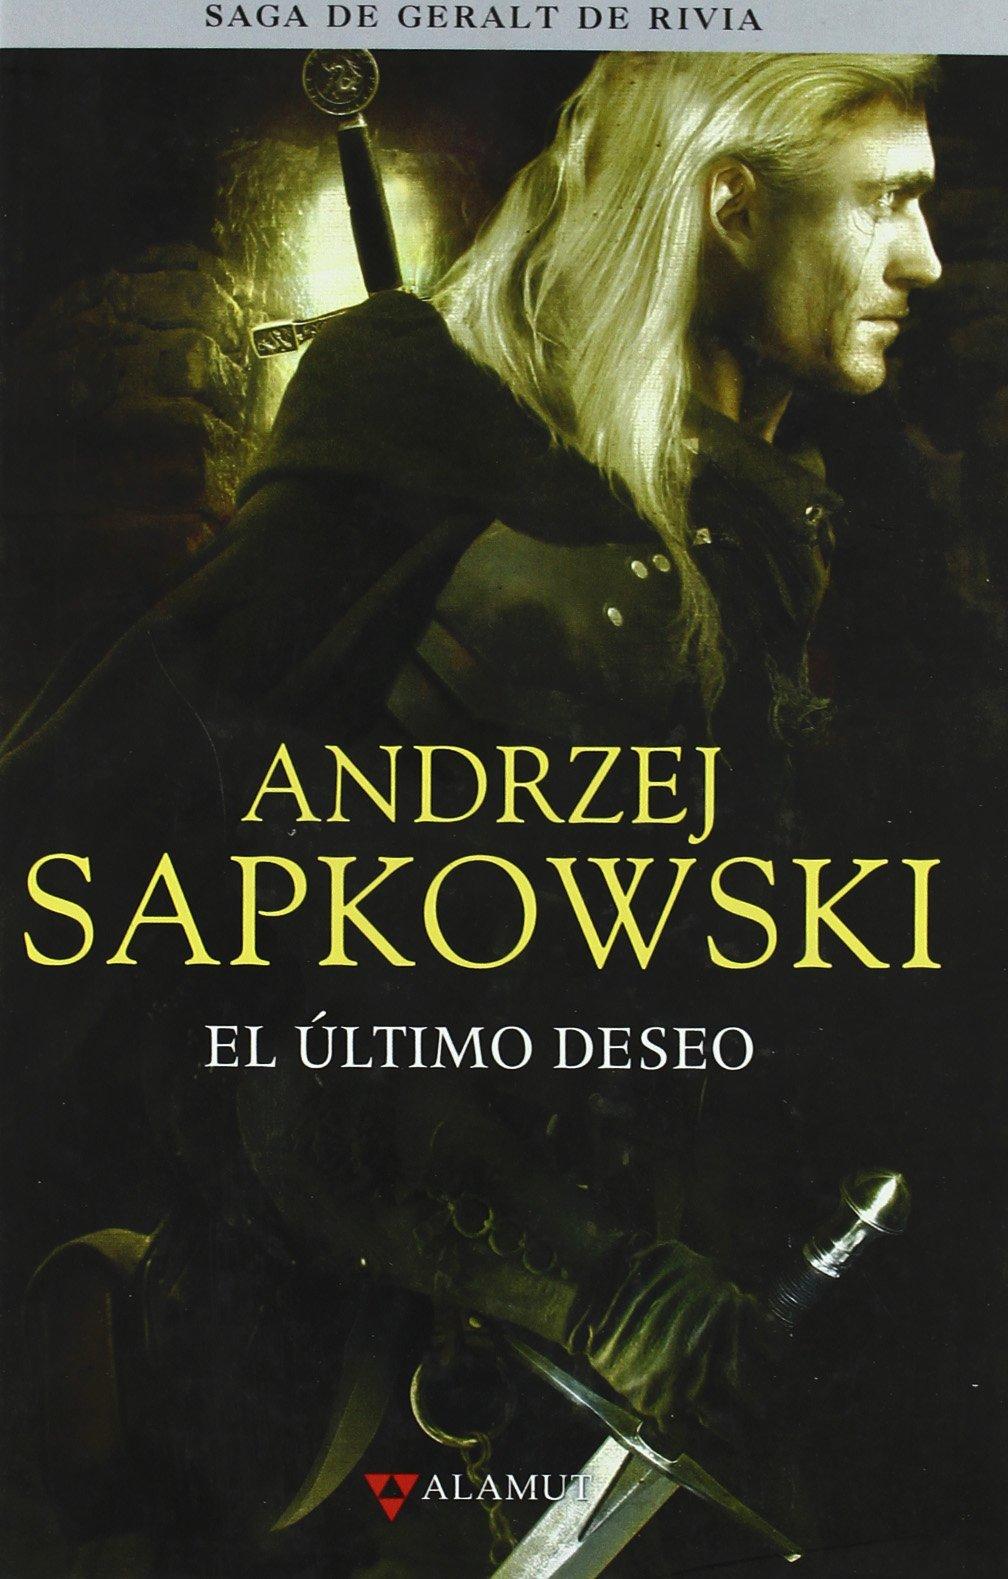 Mejores libros de Geralt de Rivia - El Último Deseo